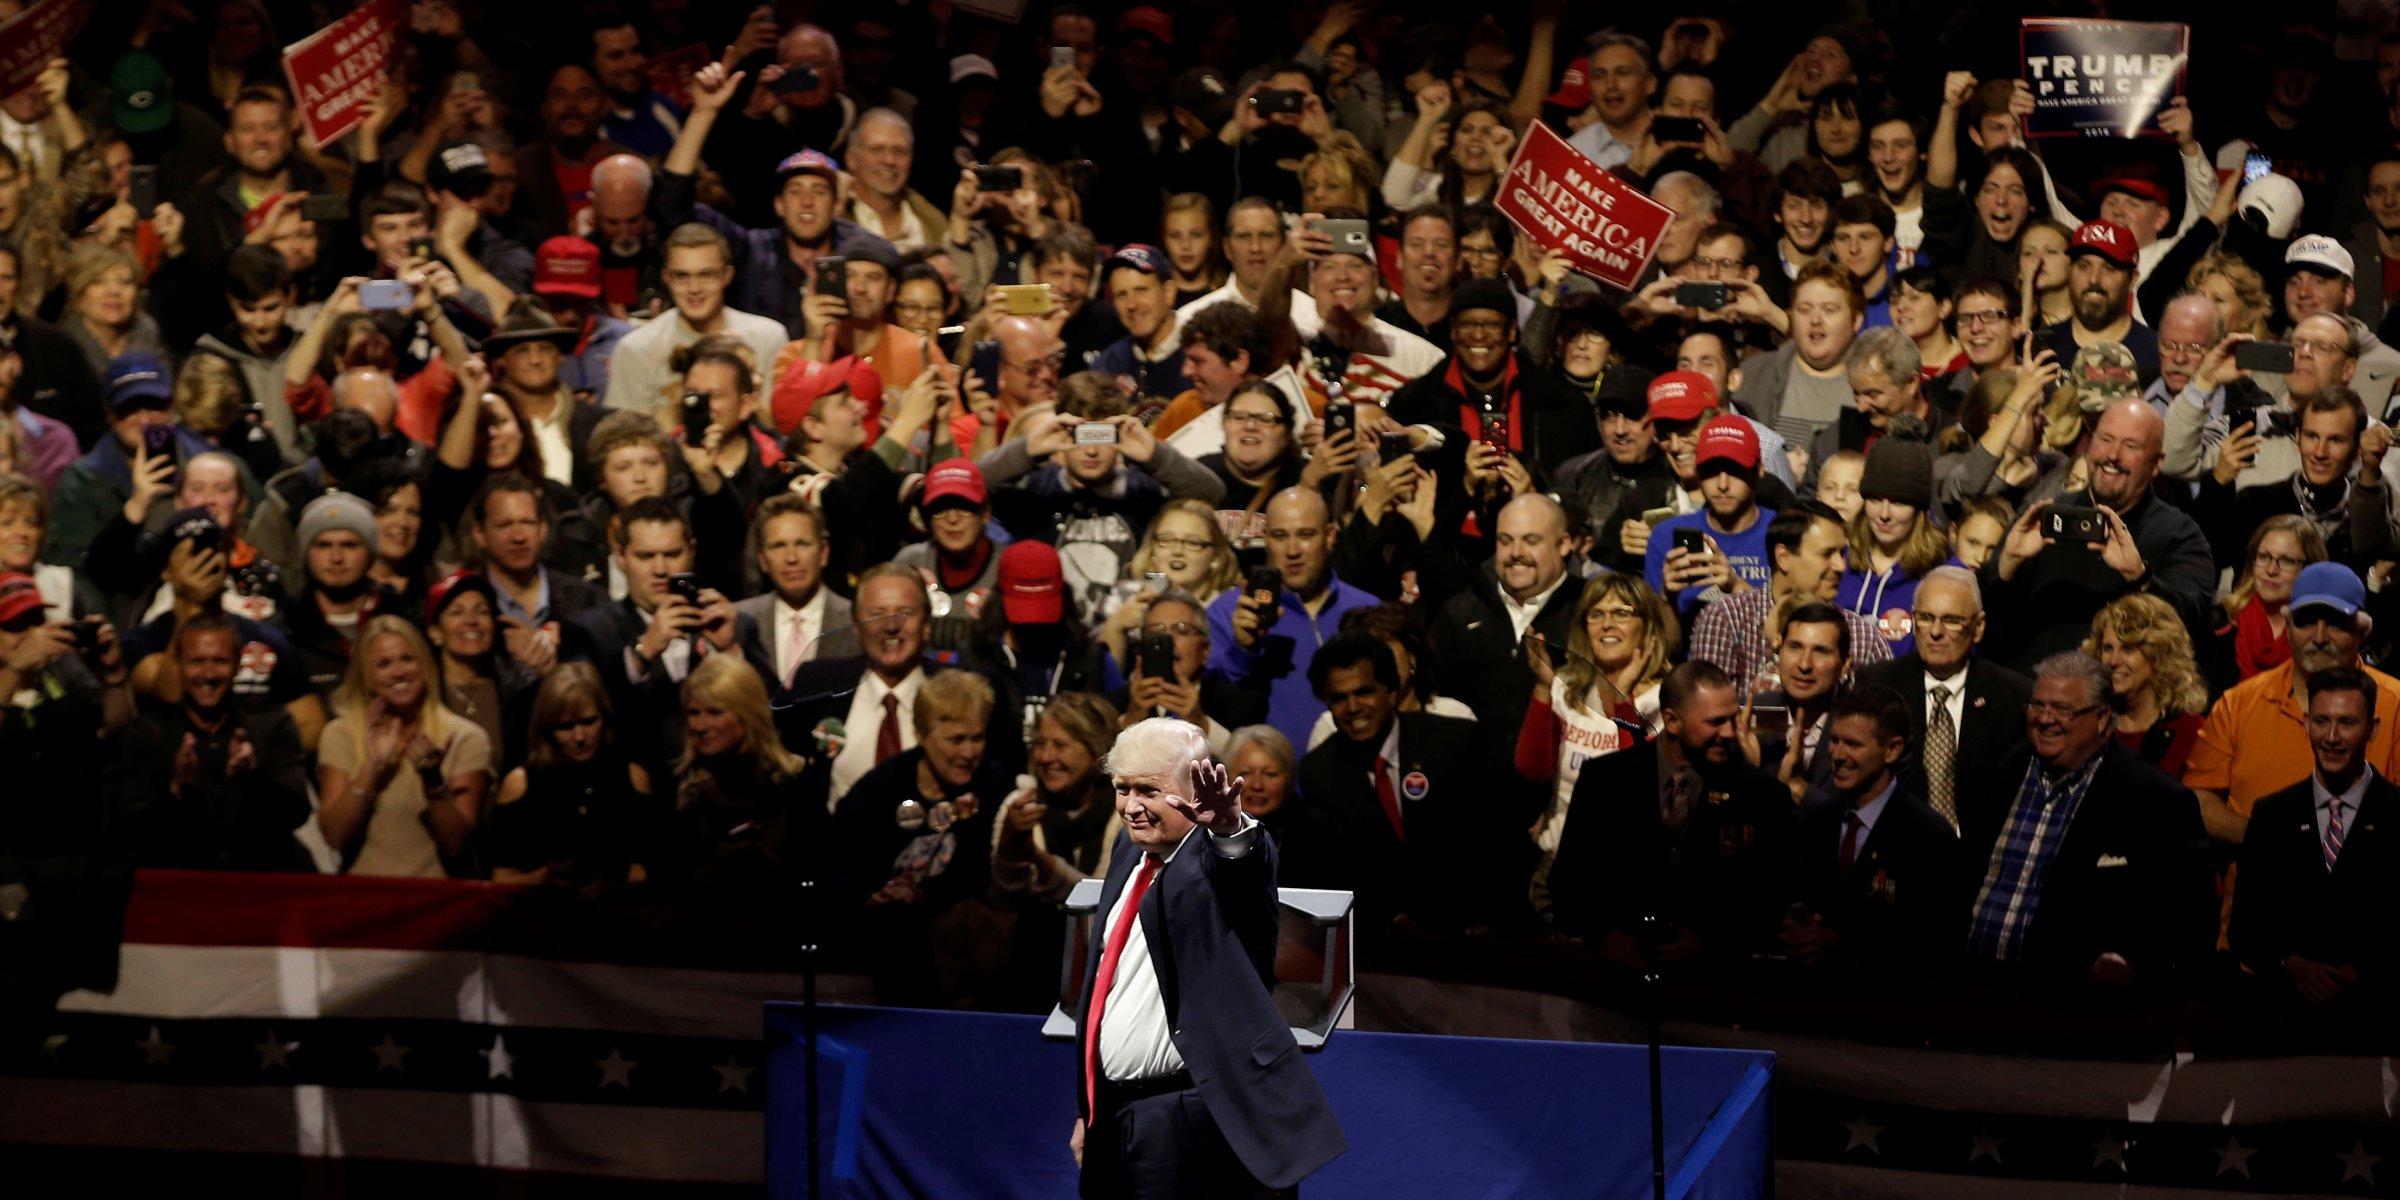 Trump Cincinnati